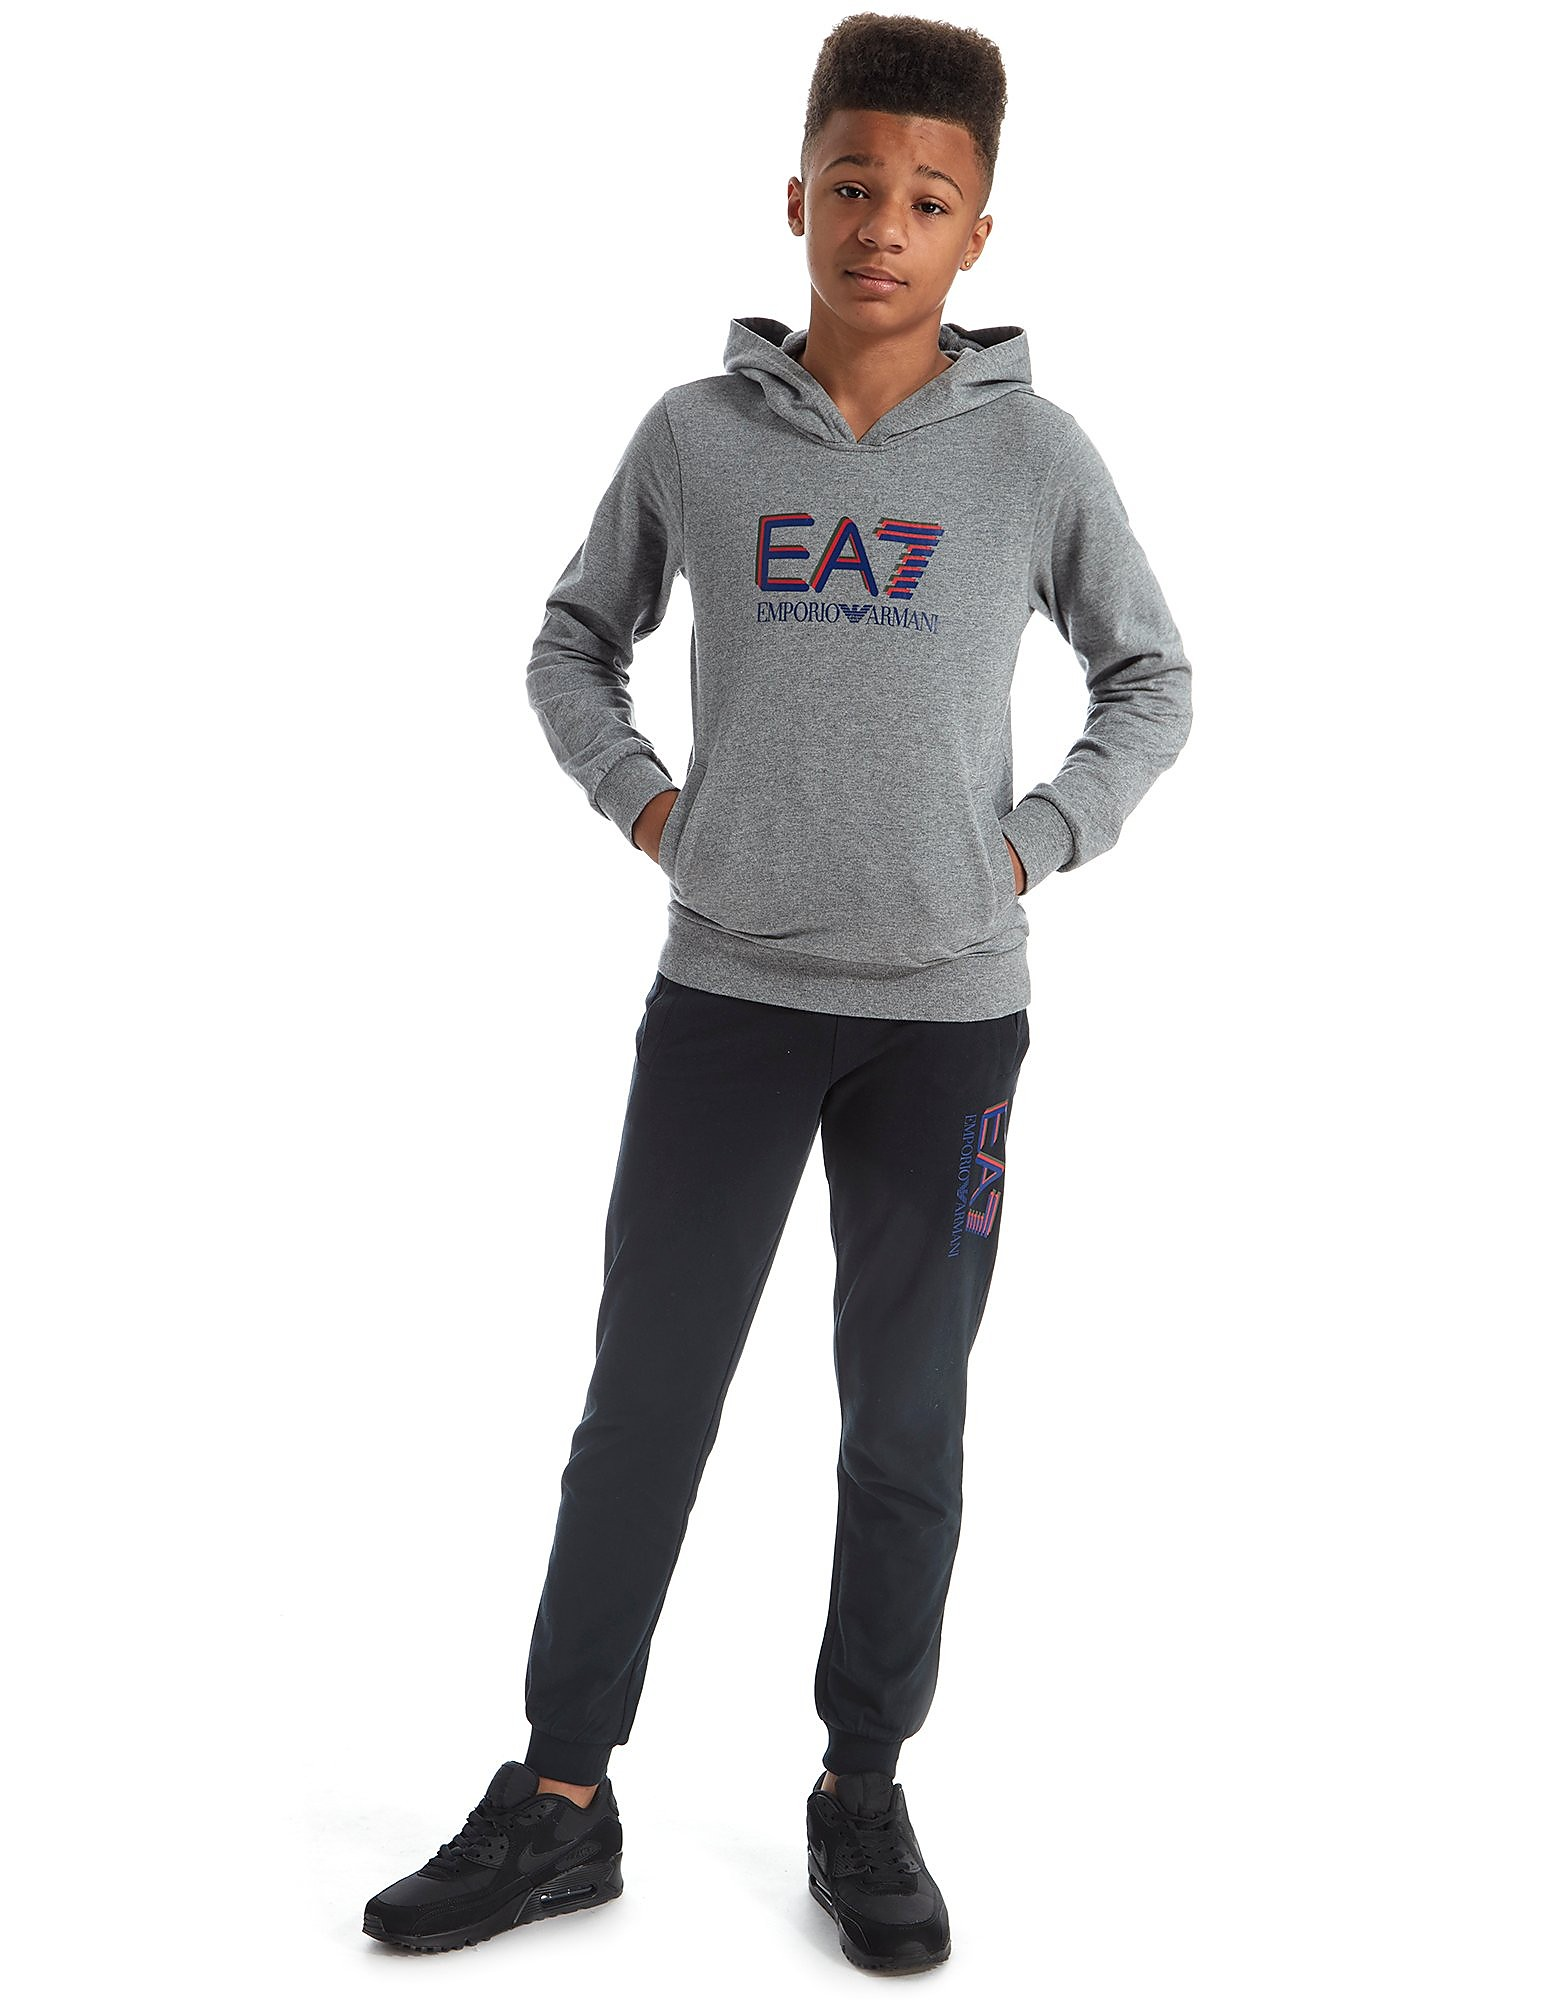 Emporio Armani EA7 Training Suit Junior